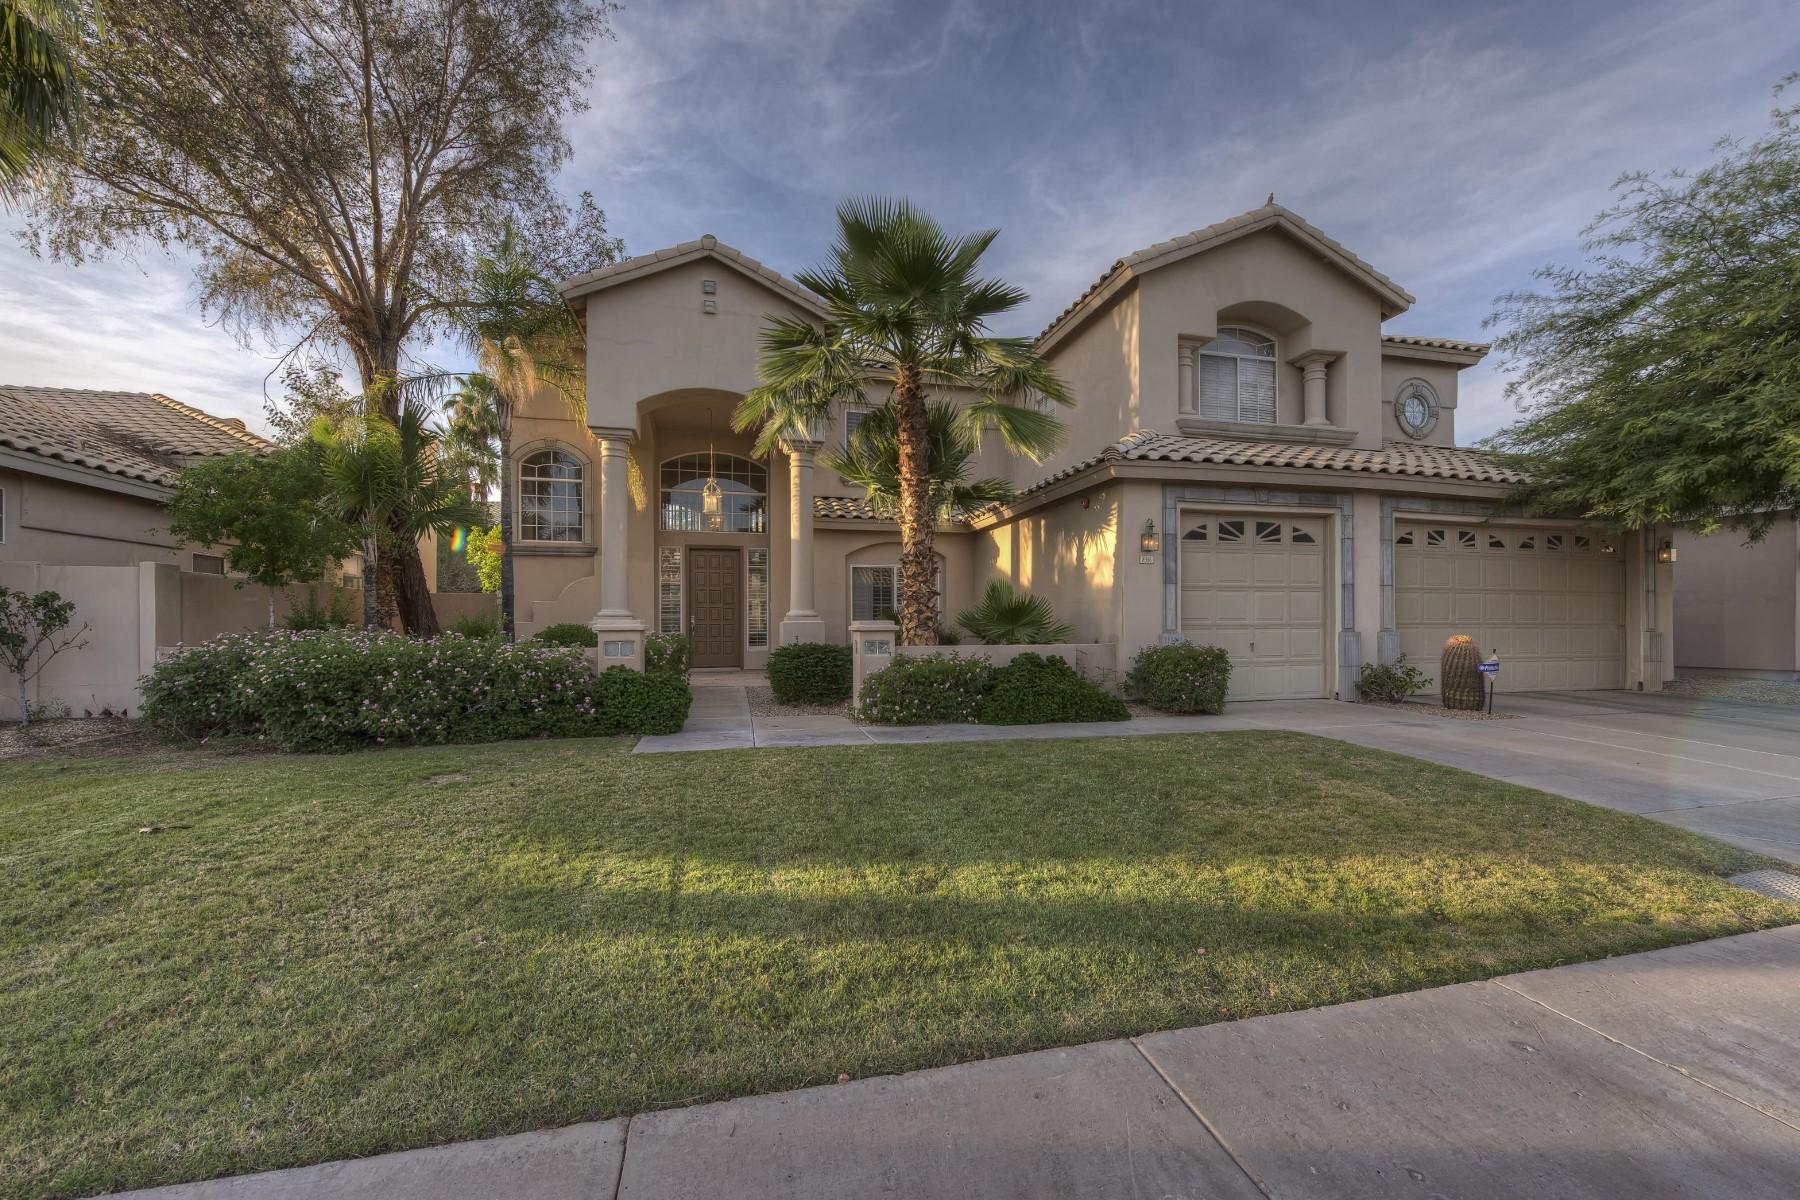 Casa para uma família para Venda às Lovely remodeled home in Vista Parc 8956 E Pershing Ave Scottsdale, Arizona, 85260 Estados Unidos